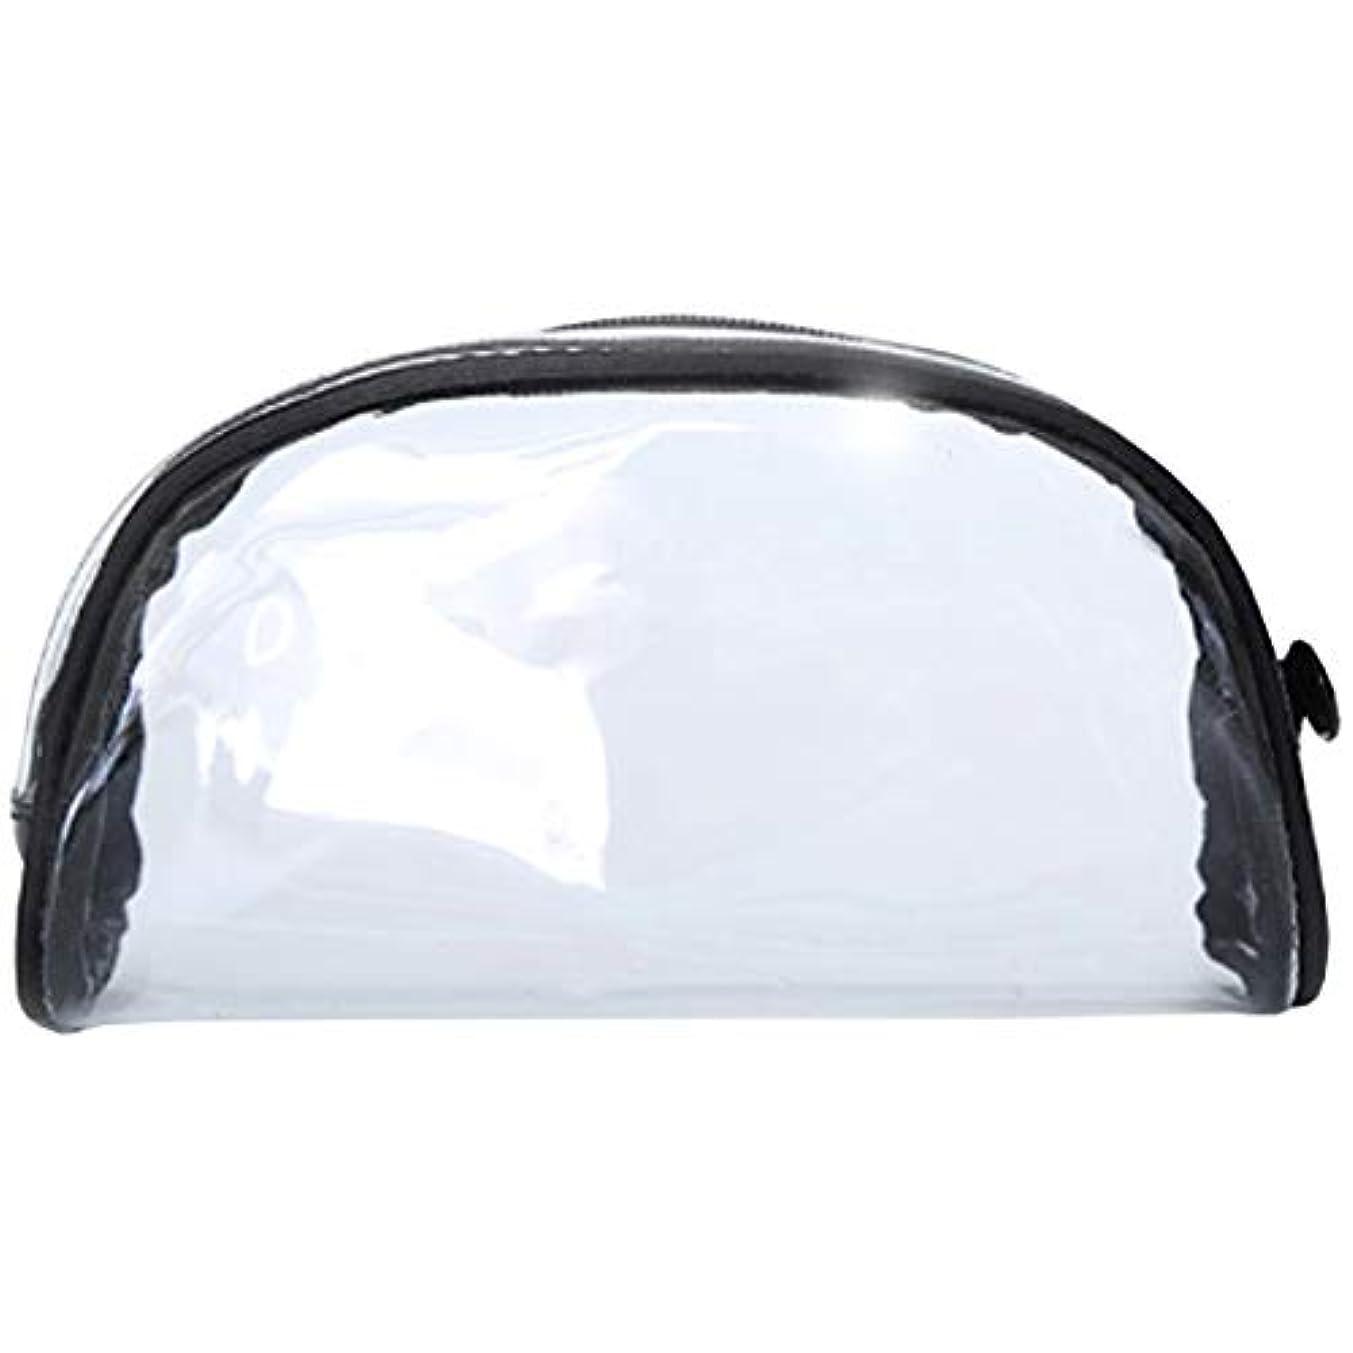 もう一度ポゴスティックジャンプ改善化粧ポーチ クリアポーチ 透明ポーチ クリアボックス ビニールポーチ PVC 化粧品収納 小物入れ 防水 (S)